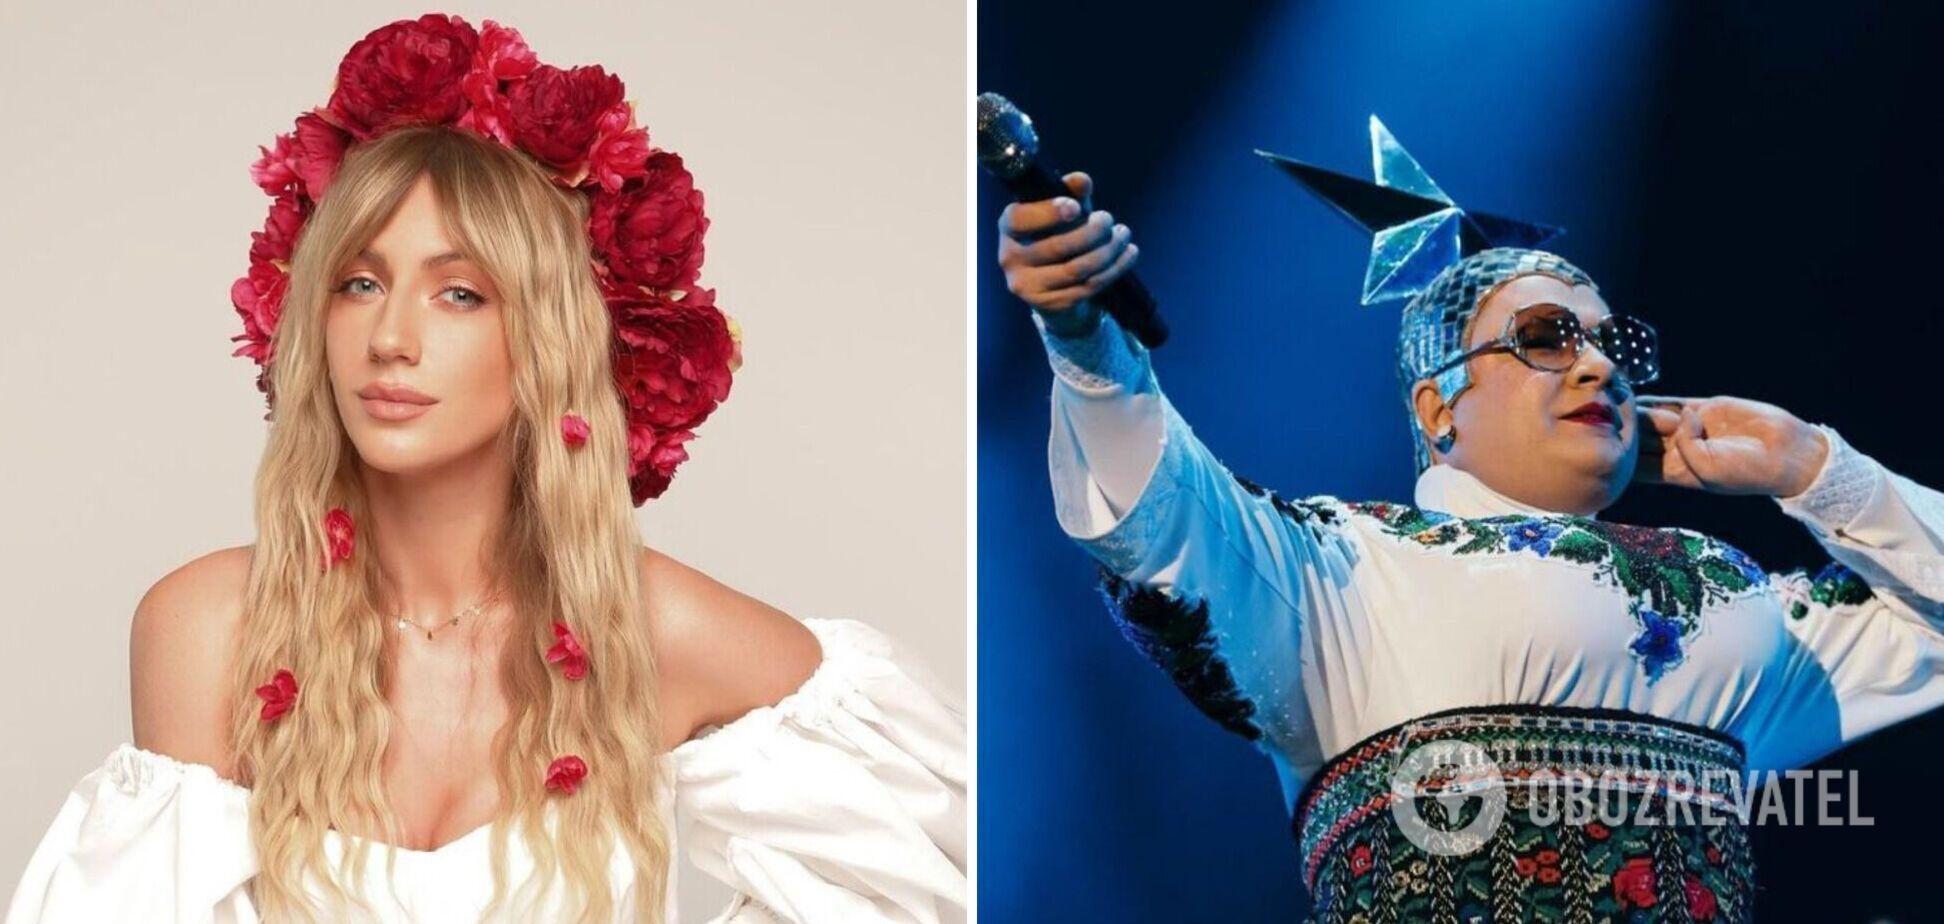 Леся Никитюк засветилась на Atlas Weekend: звезда стояла в толпе и подпевала Сердючке. Фото и видео